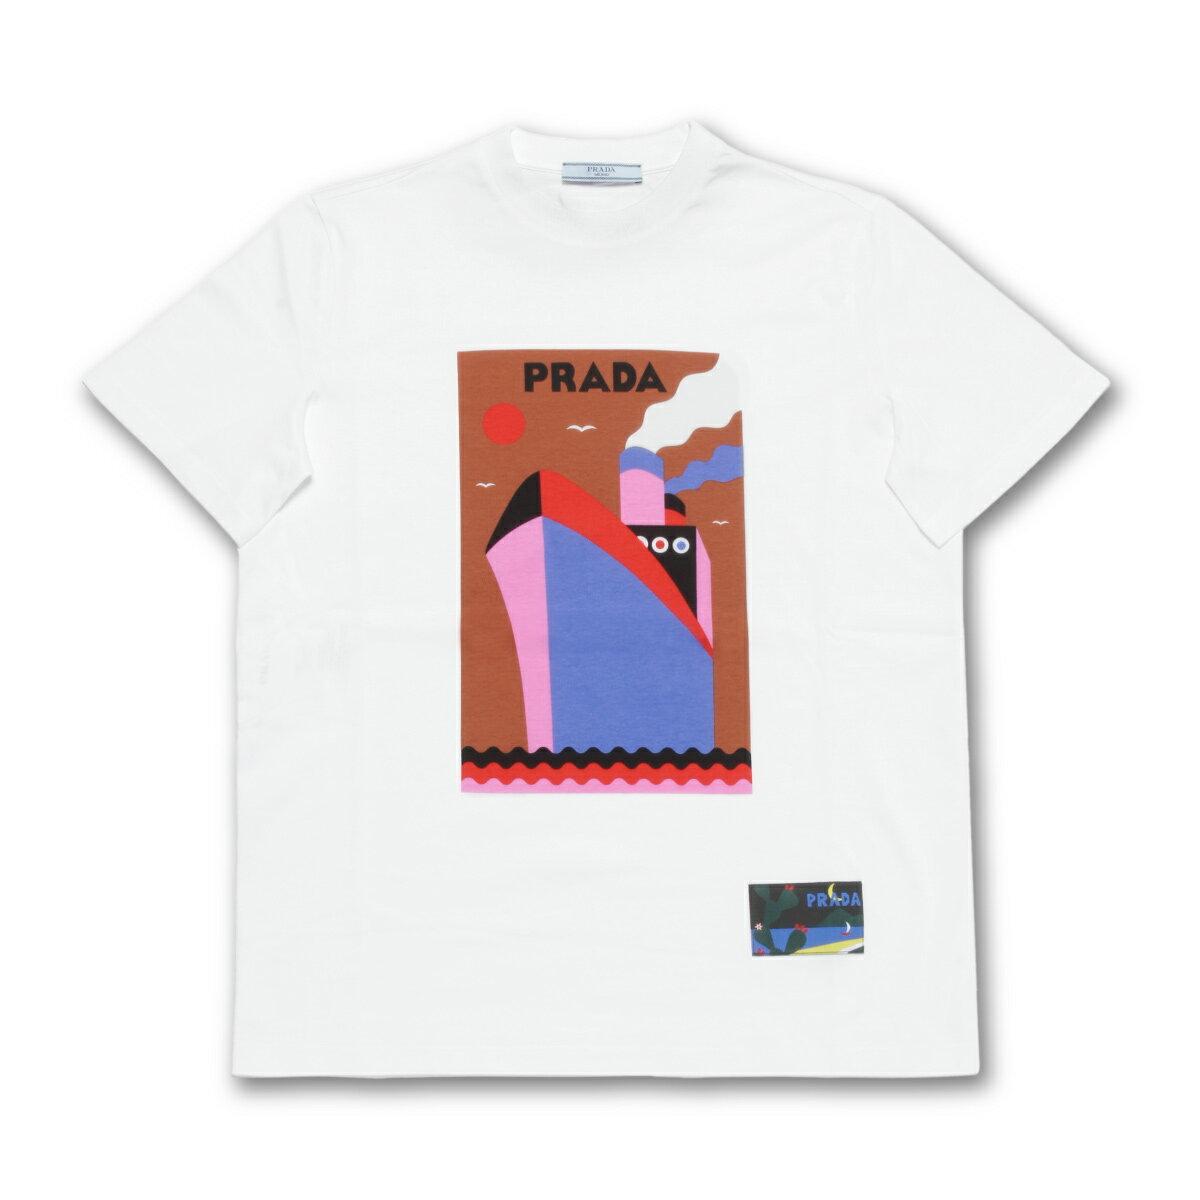 プラダ PRADA Tシャツ レディース 135664 1QGA F0O7V 半袖Tシャツ BIANCO+TABACCO ホワイト